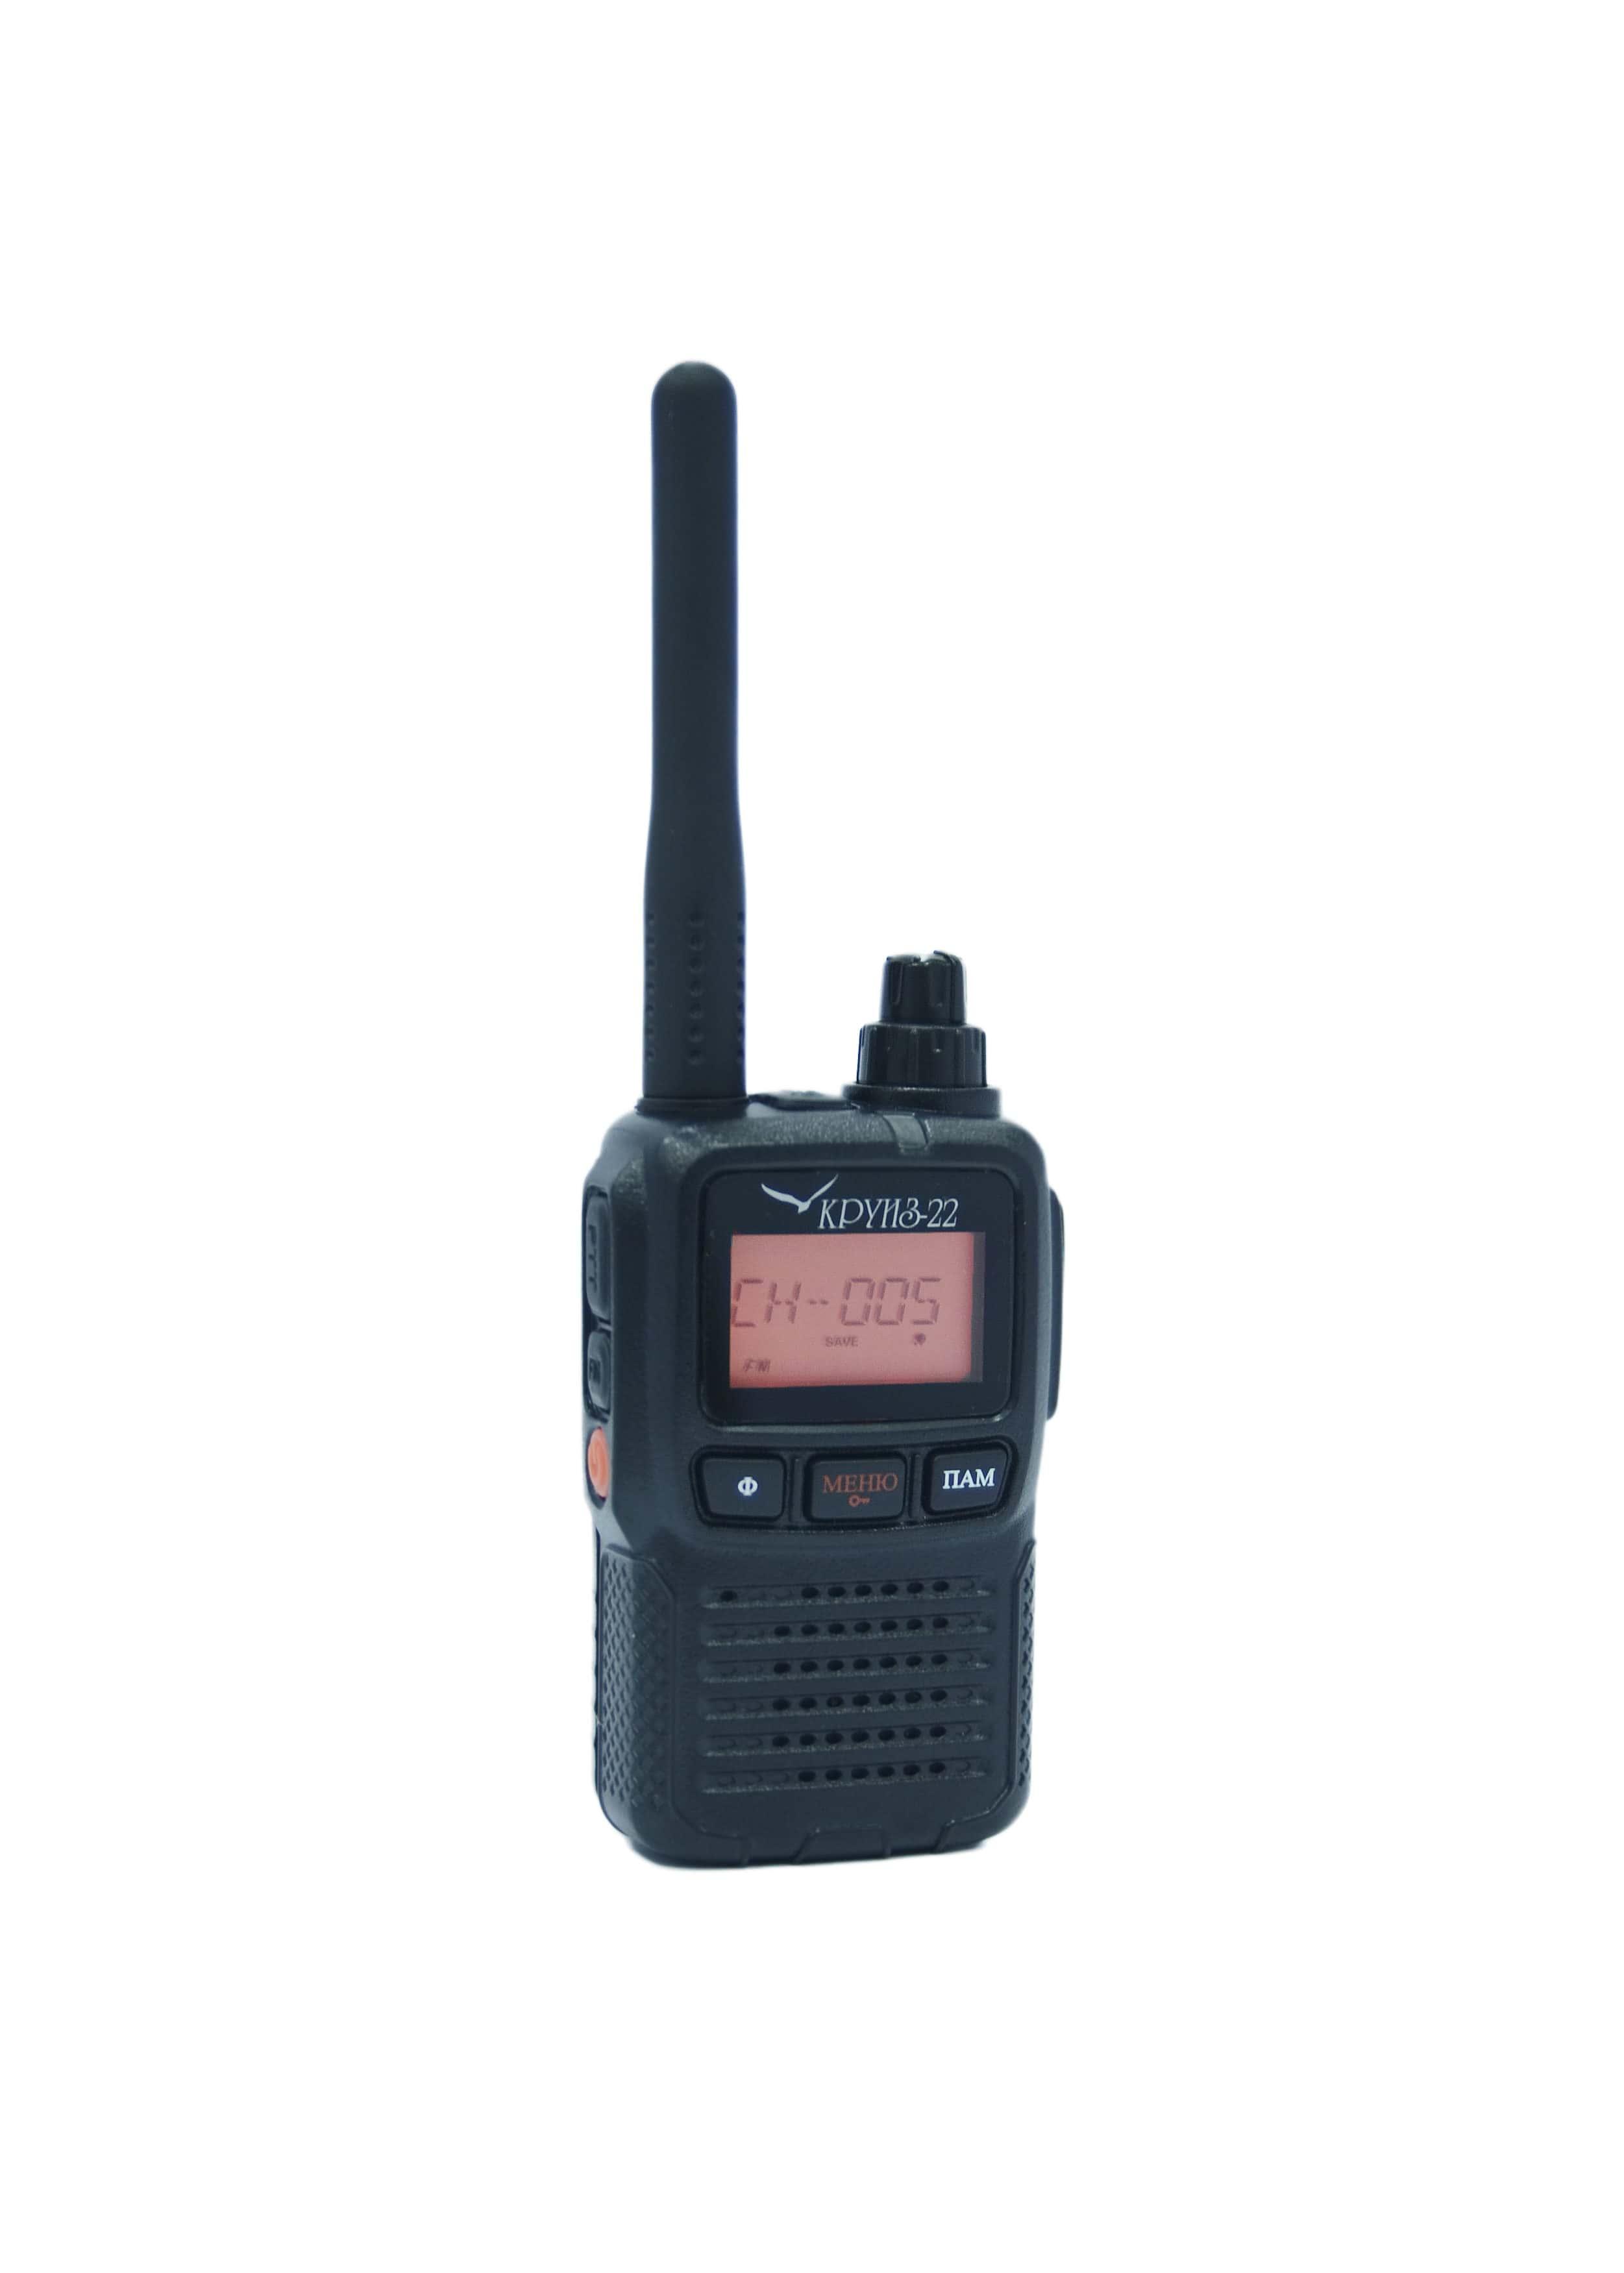 Портативная радиостанция КРУИЗ-22, (400-470 МГц), 99 кан., 2Вт, 1000 мАч, ЗУ